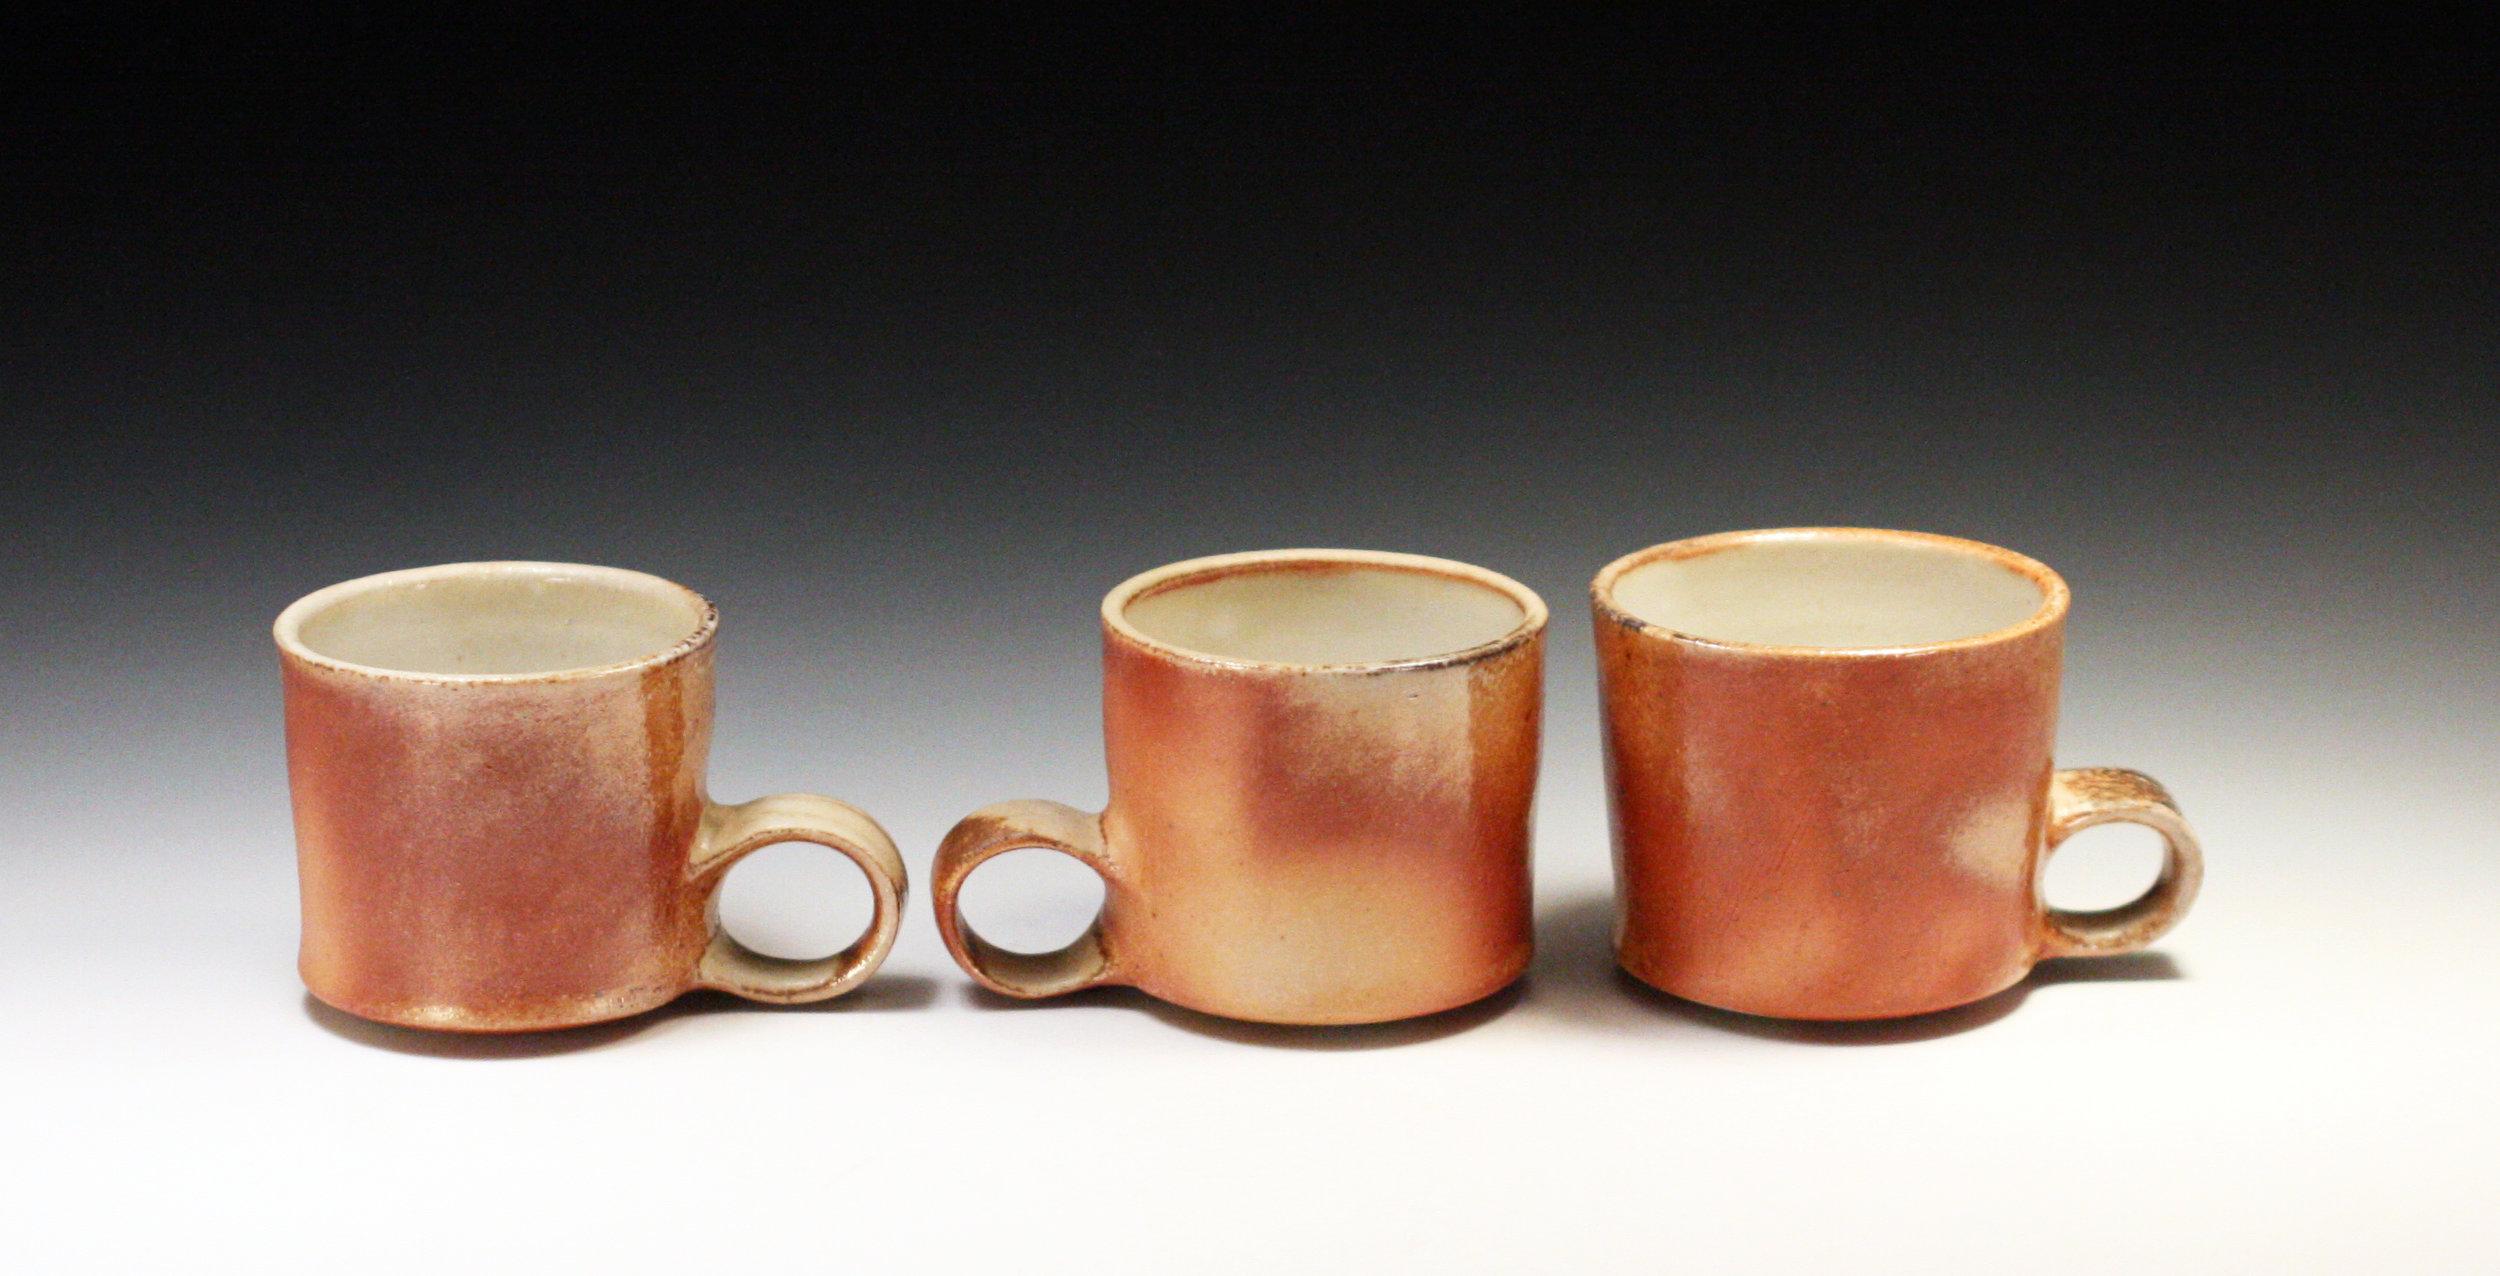 Mug trio 1a.jpg